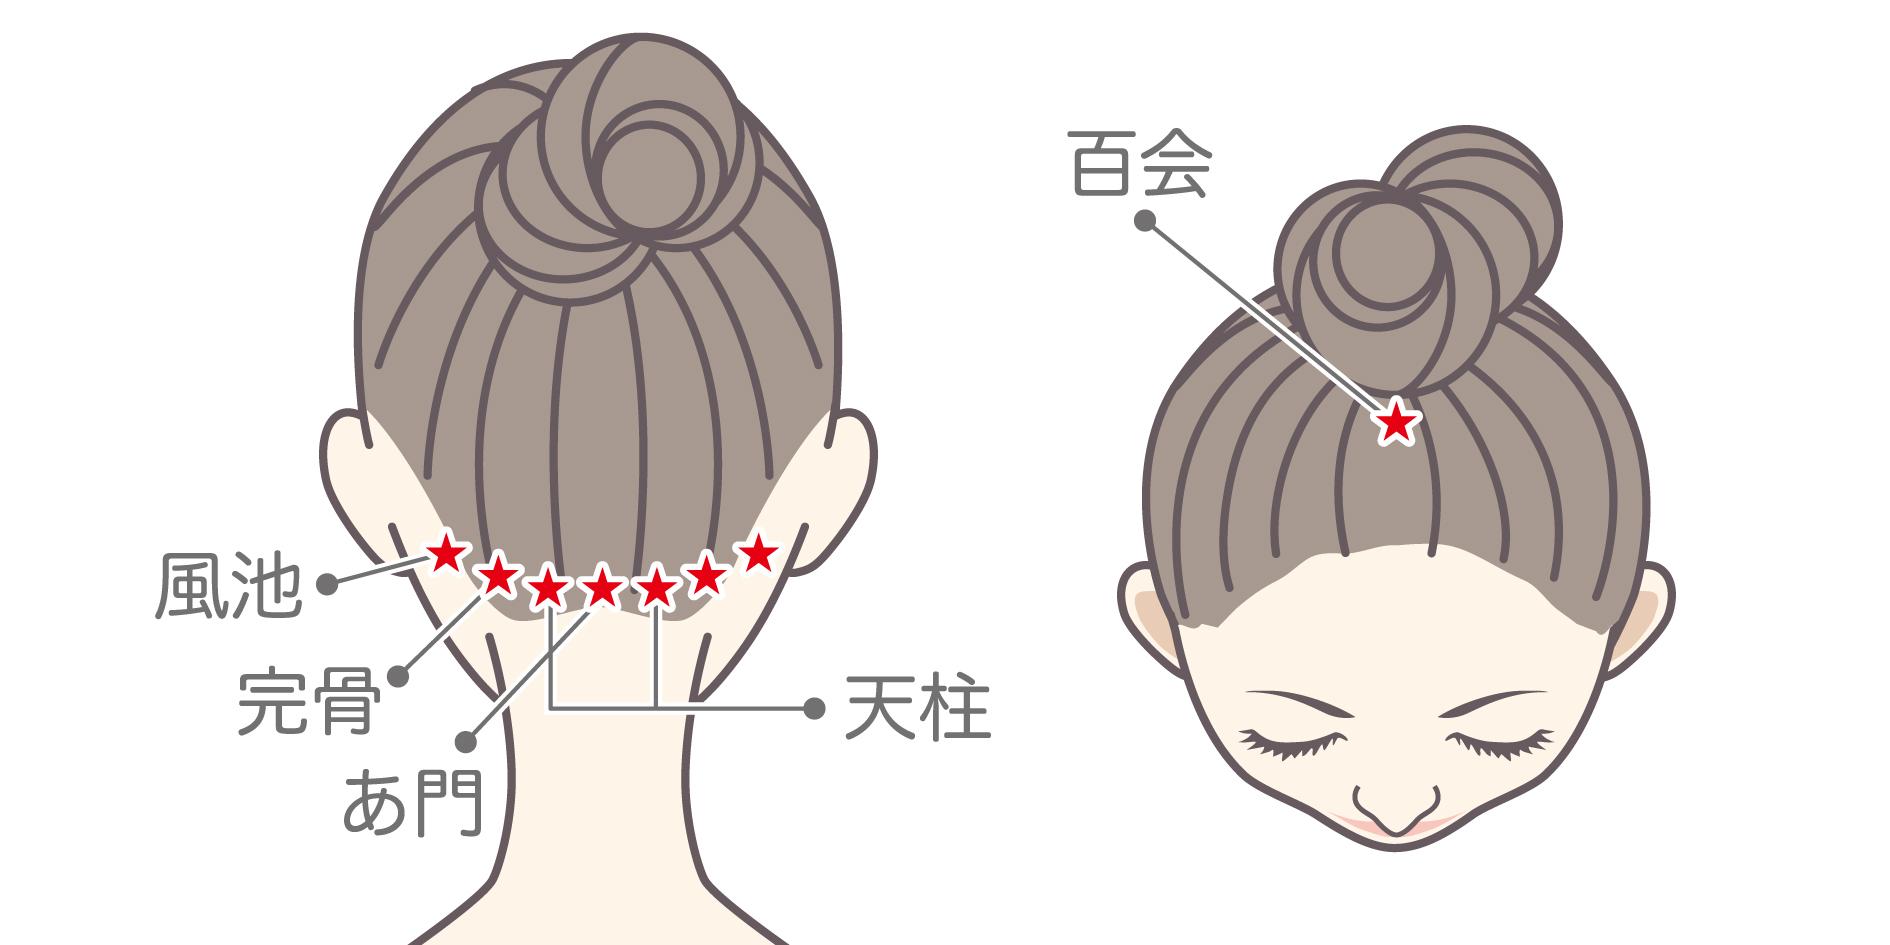 マッサージで抜け毛予防]美髪のために頭皮ケアを|美makeup|fun okinawa~ほーむぷらざ~